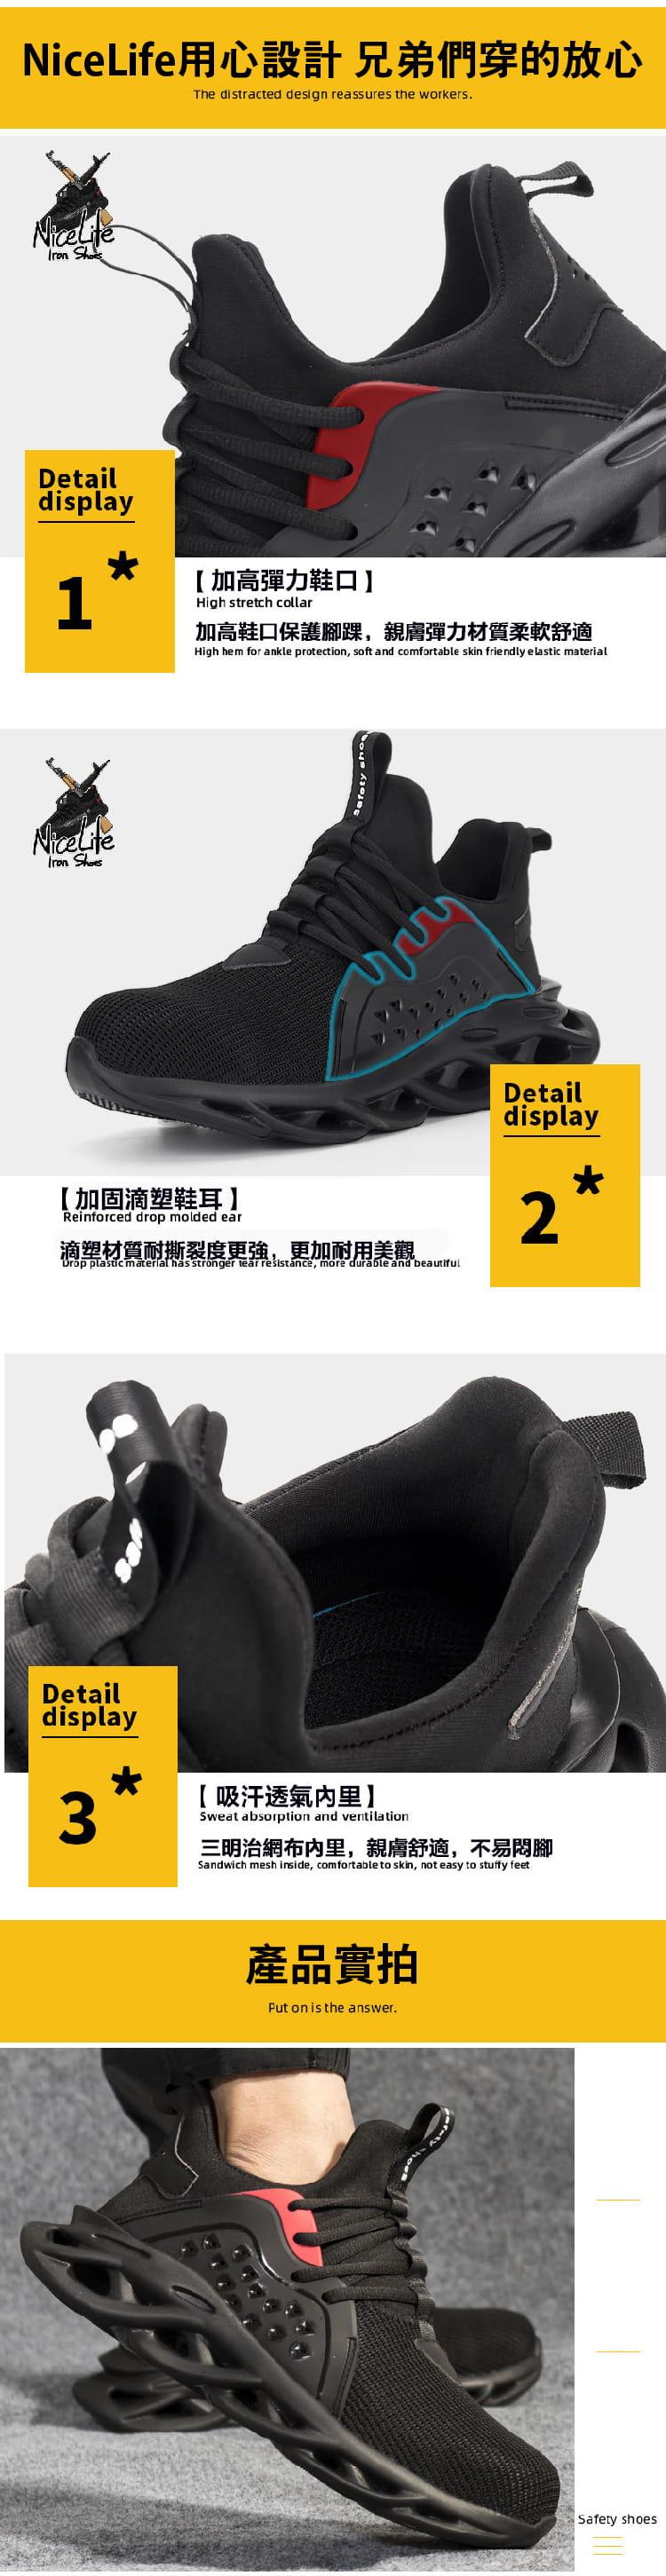 【尼斯生活】黑彈簧機能鋼鐵鞋 8